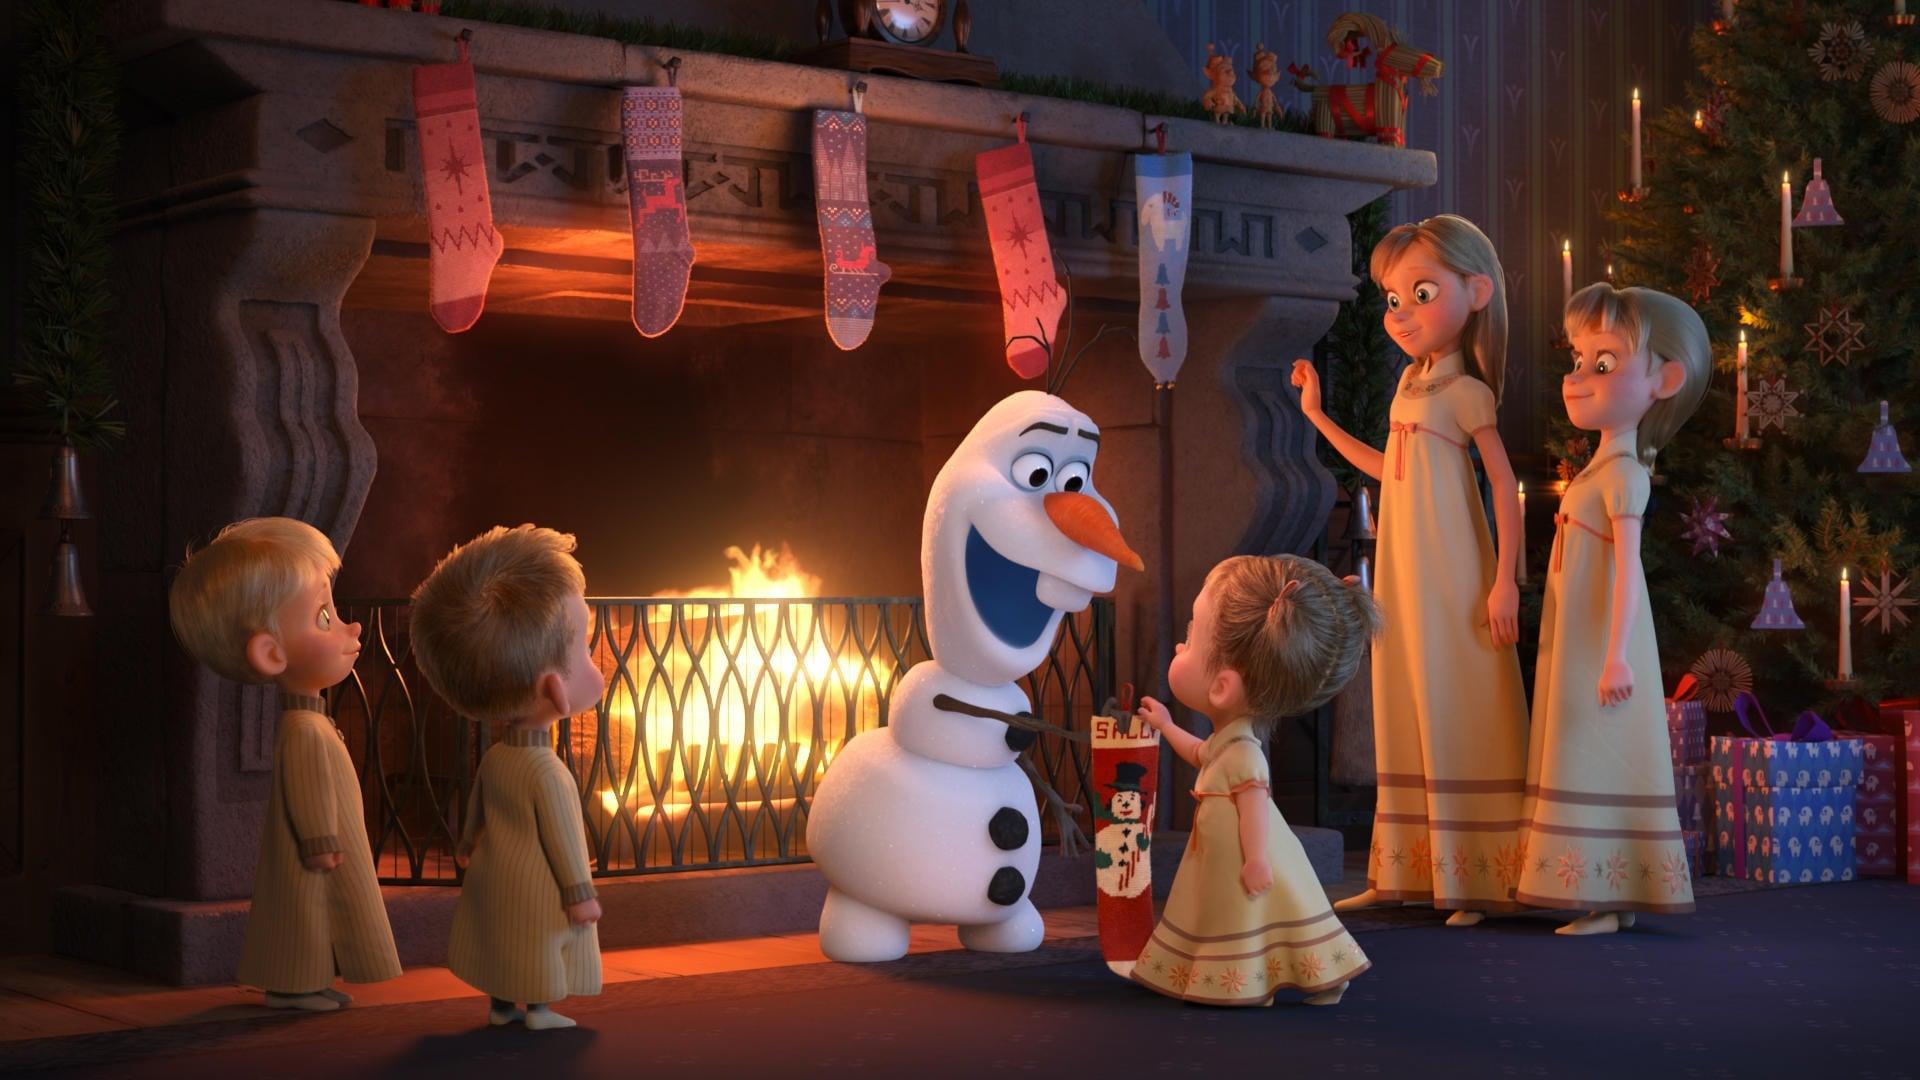 Watch olaf 39 s frozen adventure online free putlocker - Olaf s frozen adventure download ...